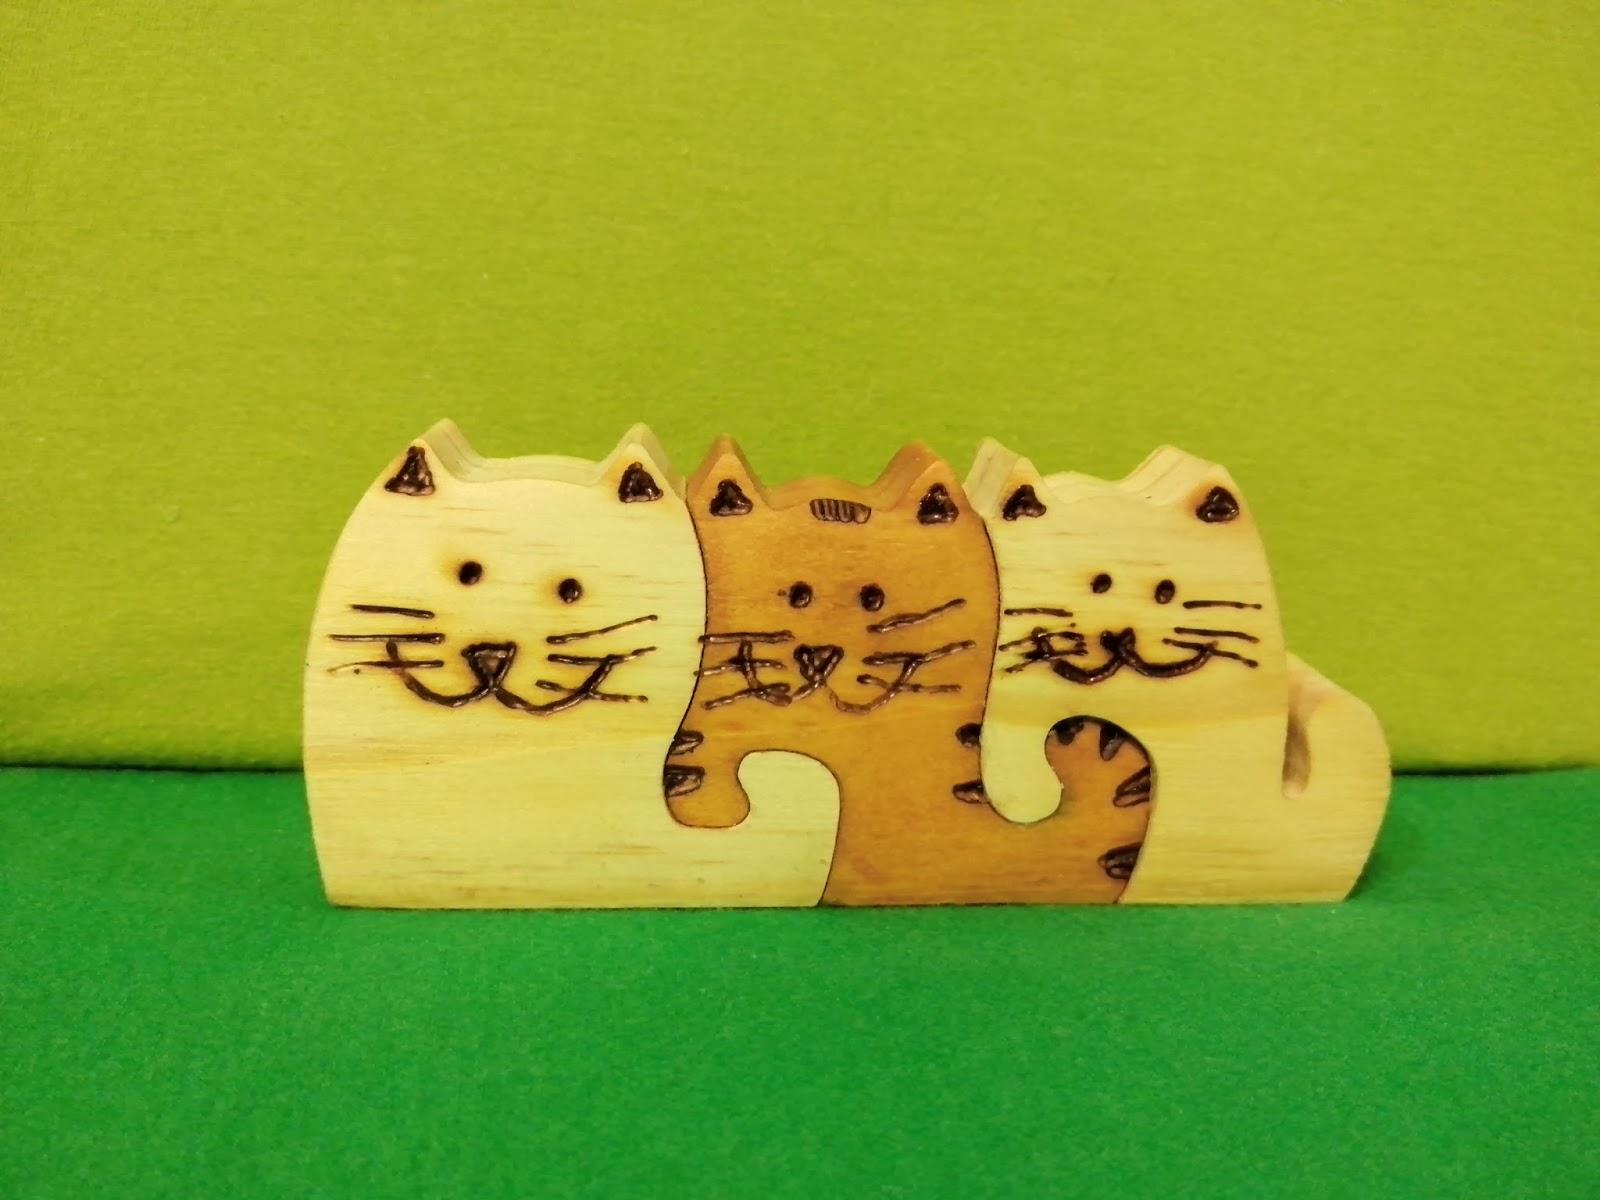 escultura de gatos encaixe madeira brasilia df